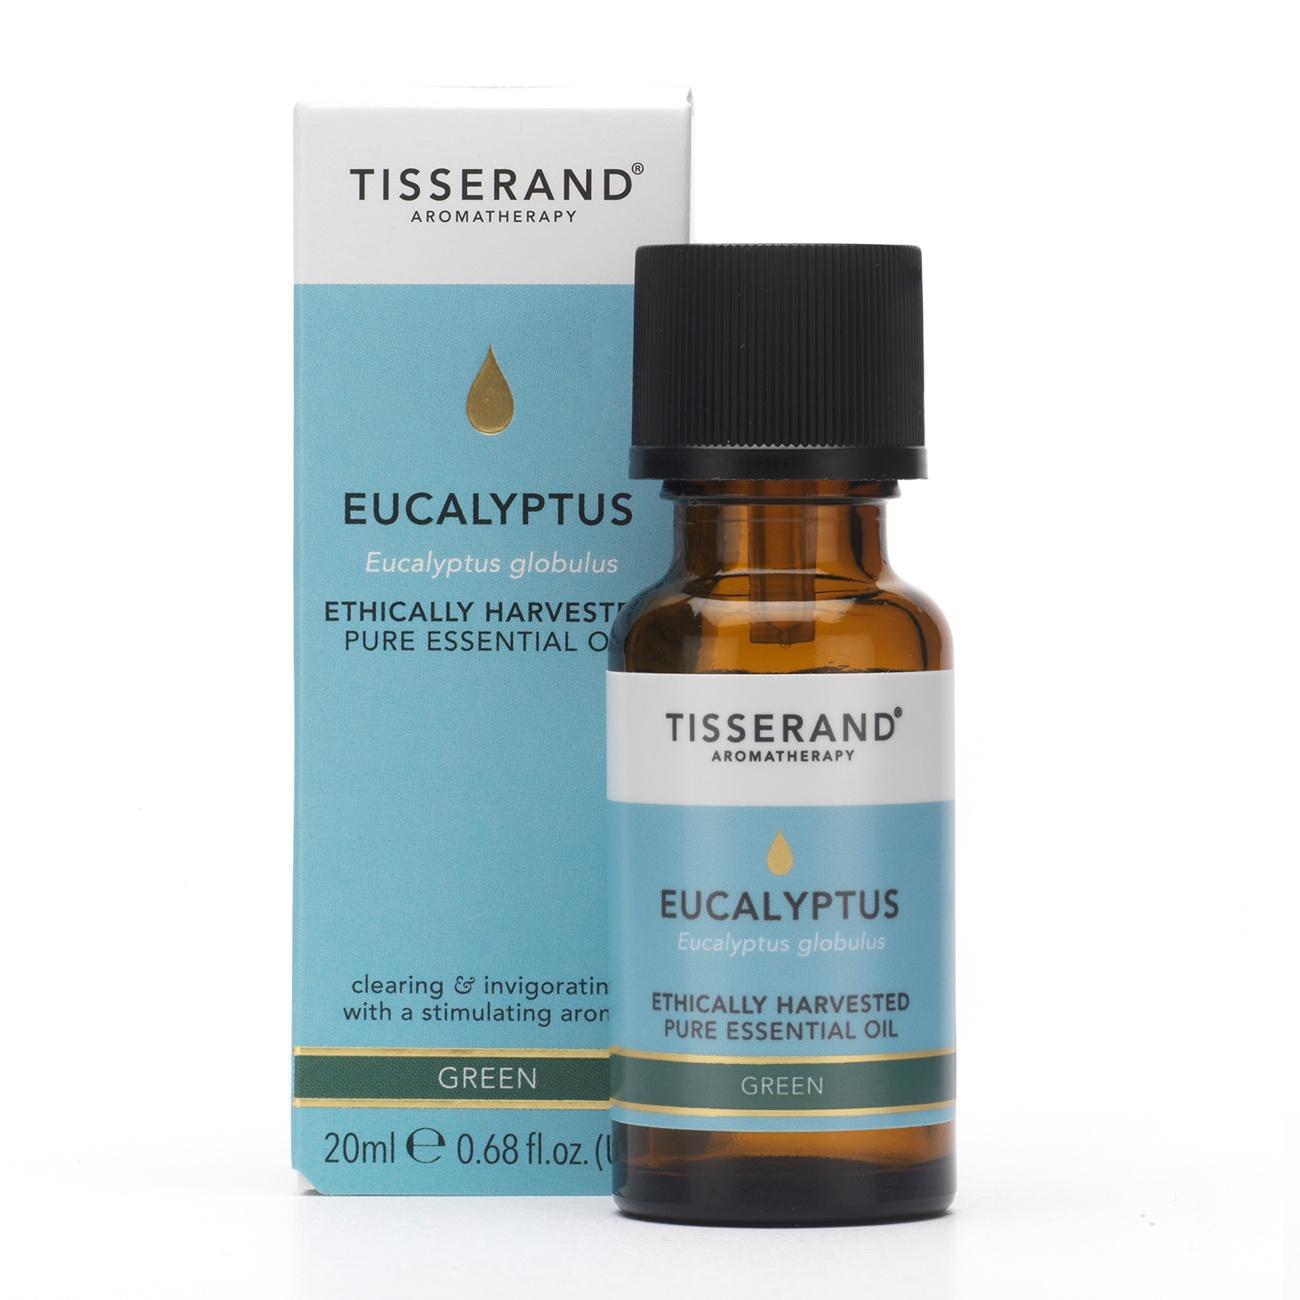 Tisserand Ethically Harvested Eucalyptus Essential Oil (20ml)